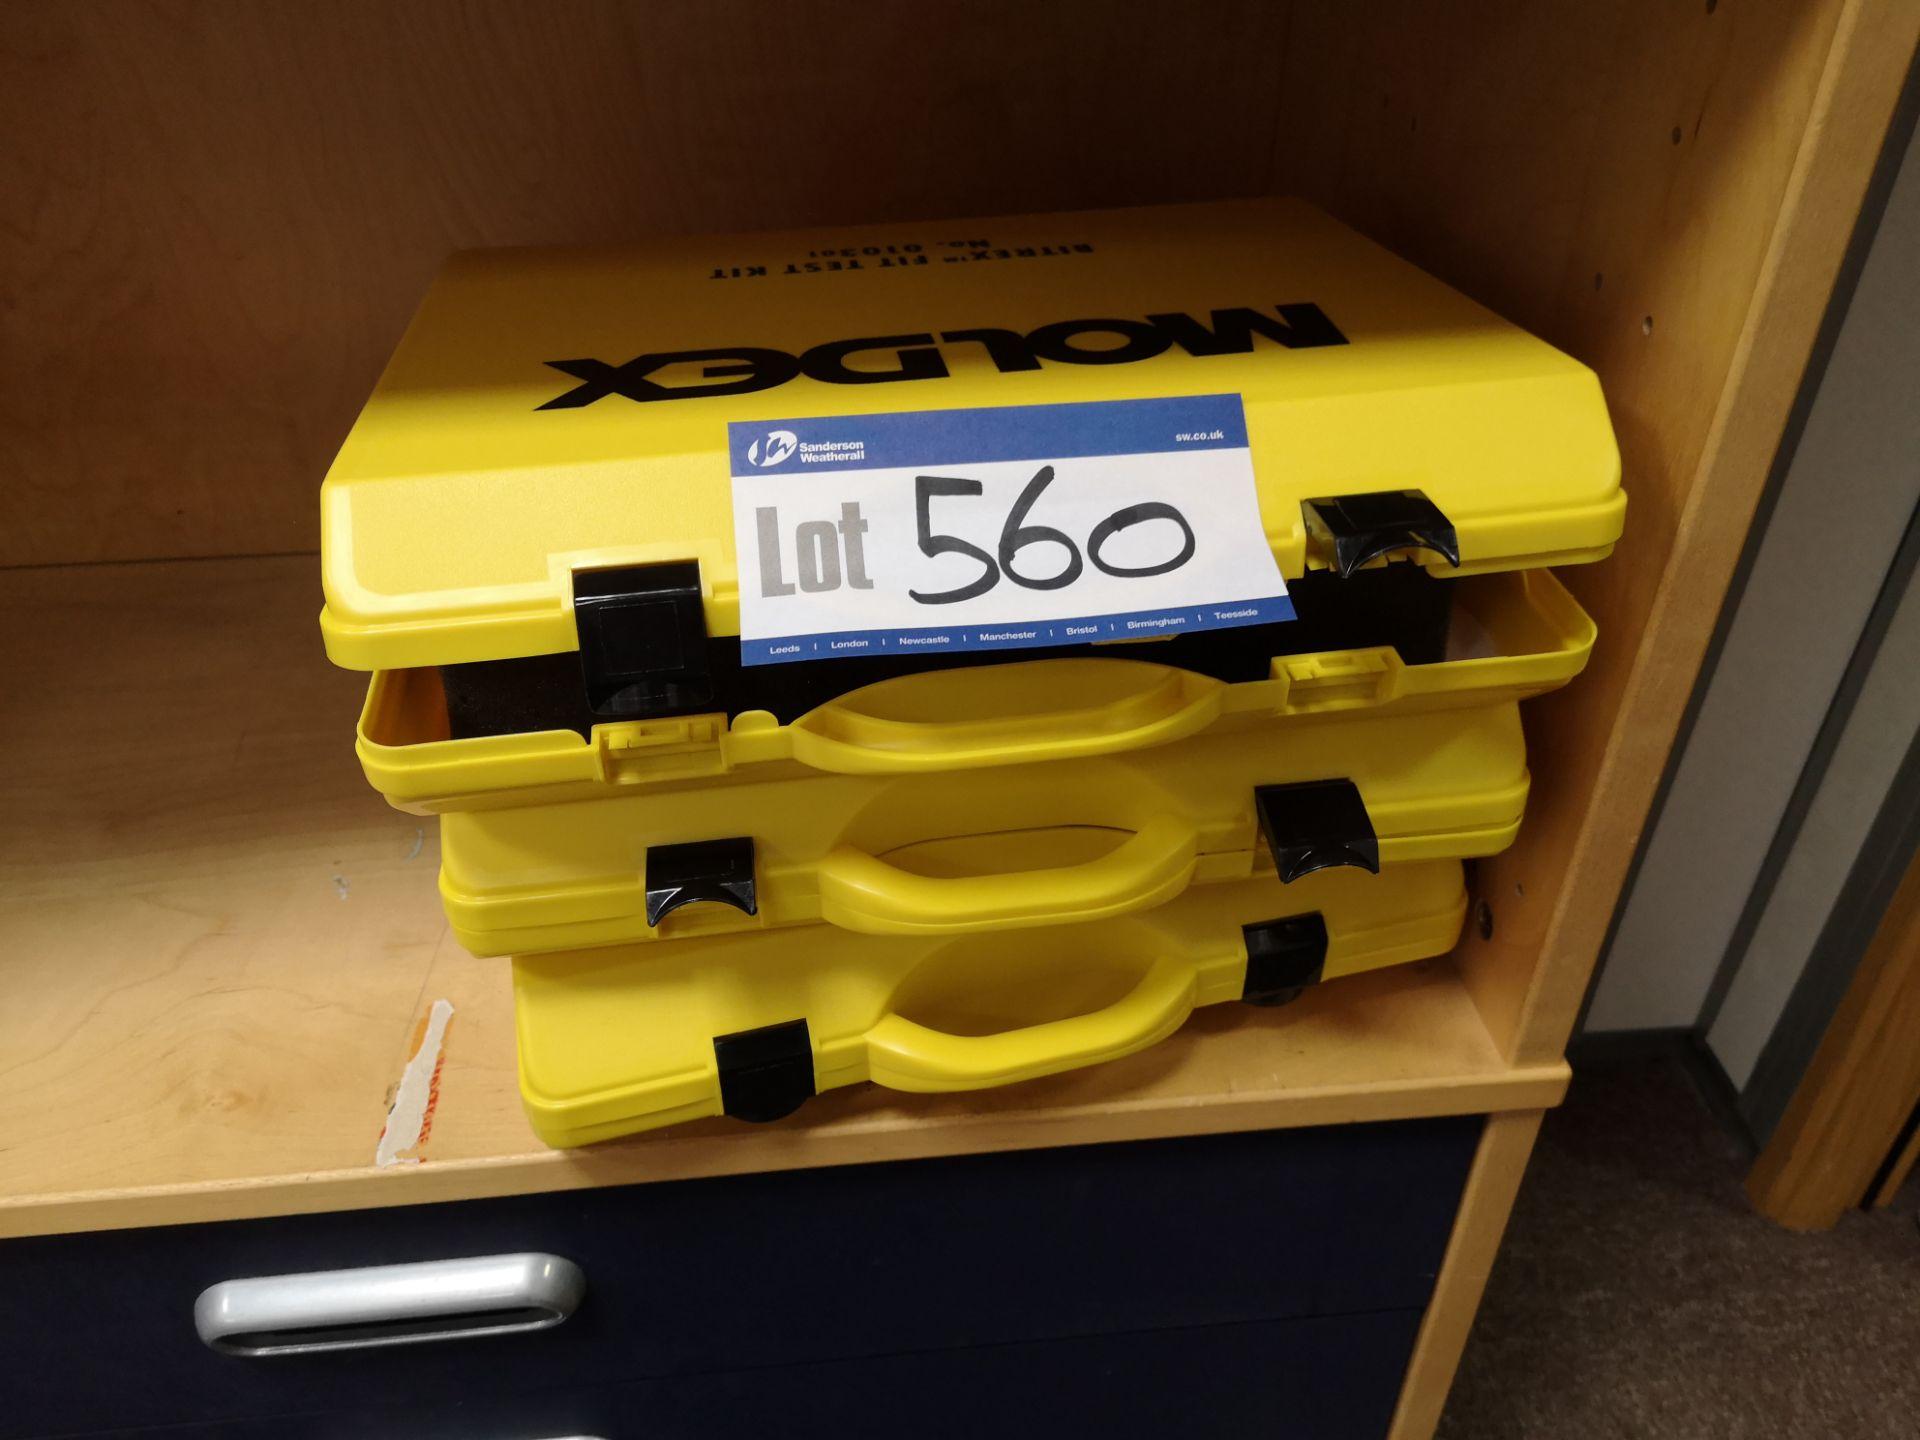 Lot 560 - Three Moldex Bitrex Fit Test Kits (LOT LOCATED AT